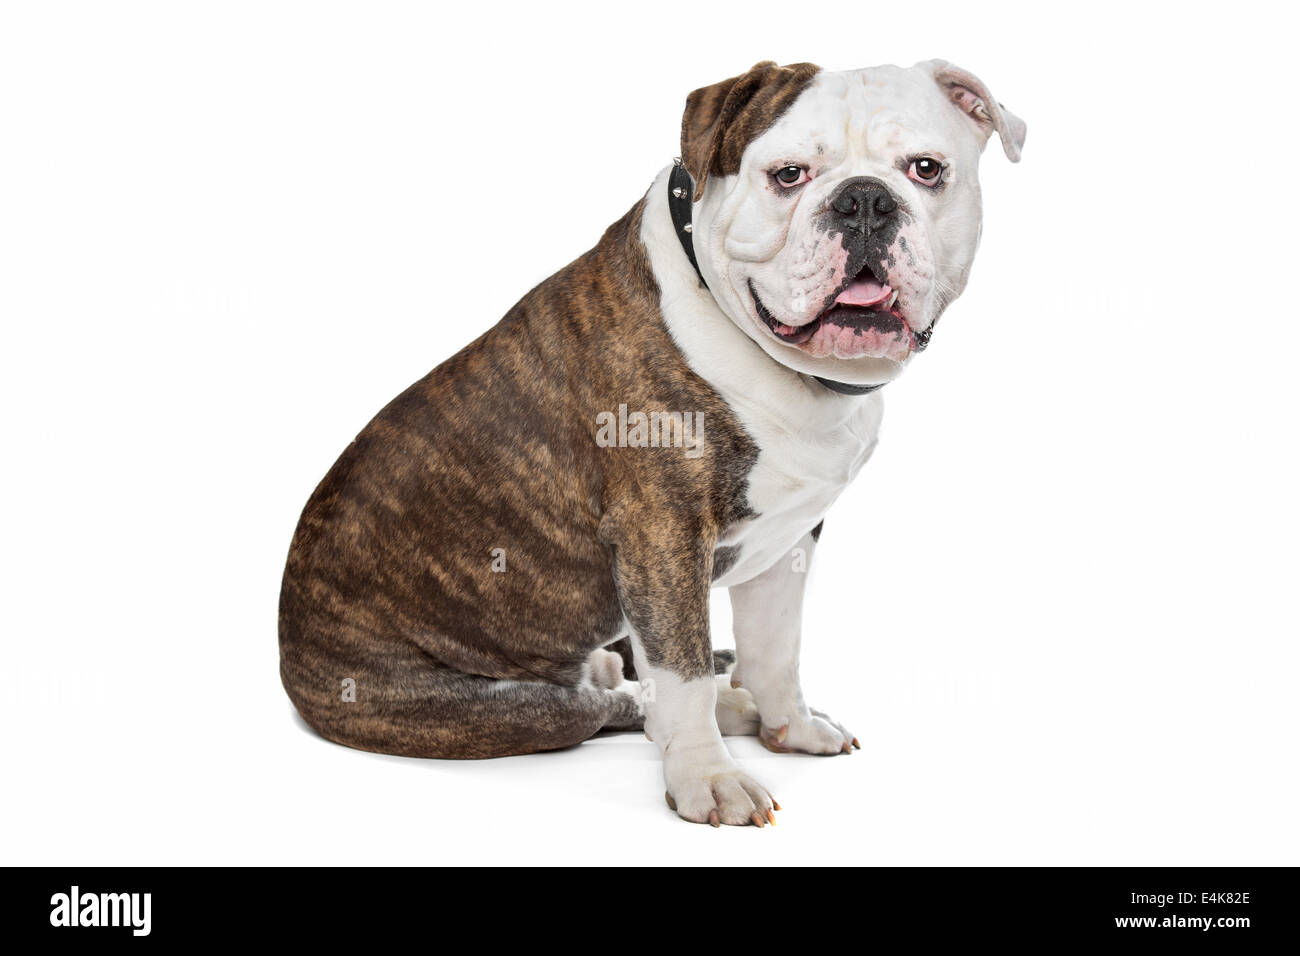 Charmant Baby Bulldog Färbung Seiten Ideen - Malvorlagen-Ideen ...